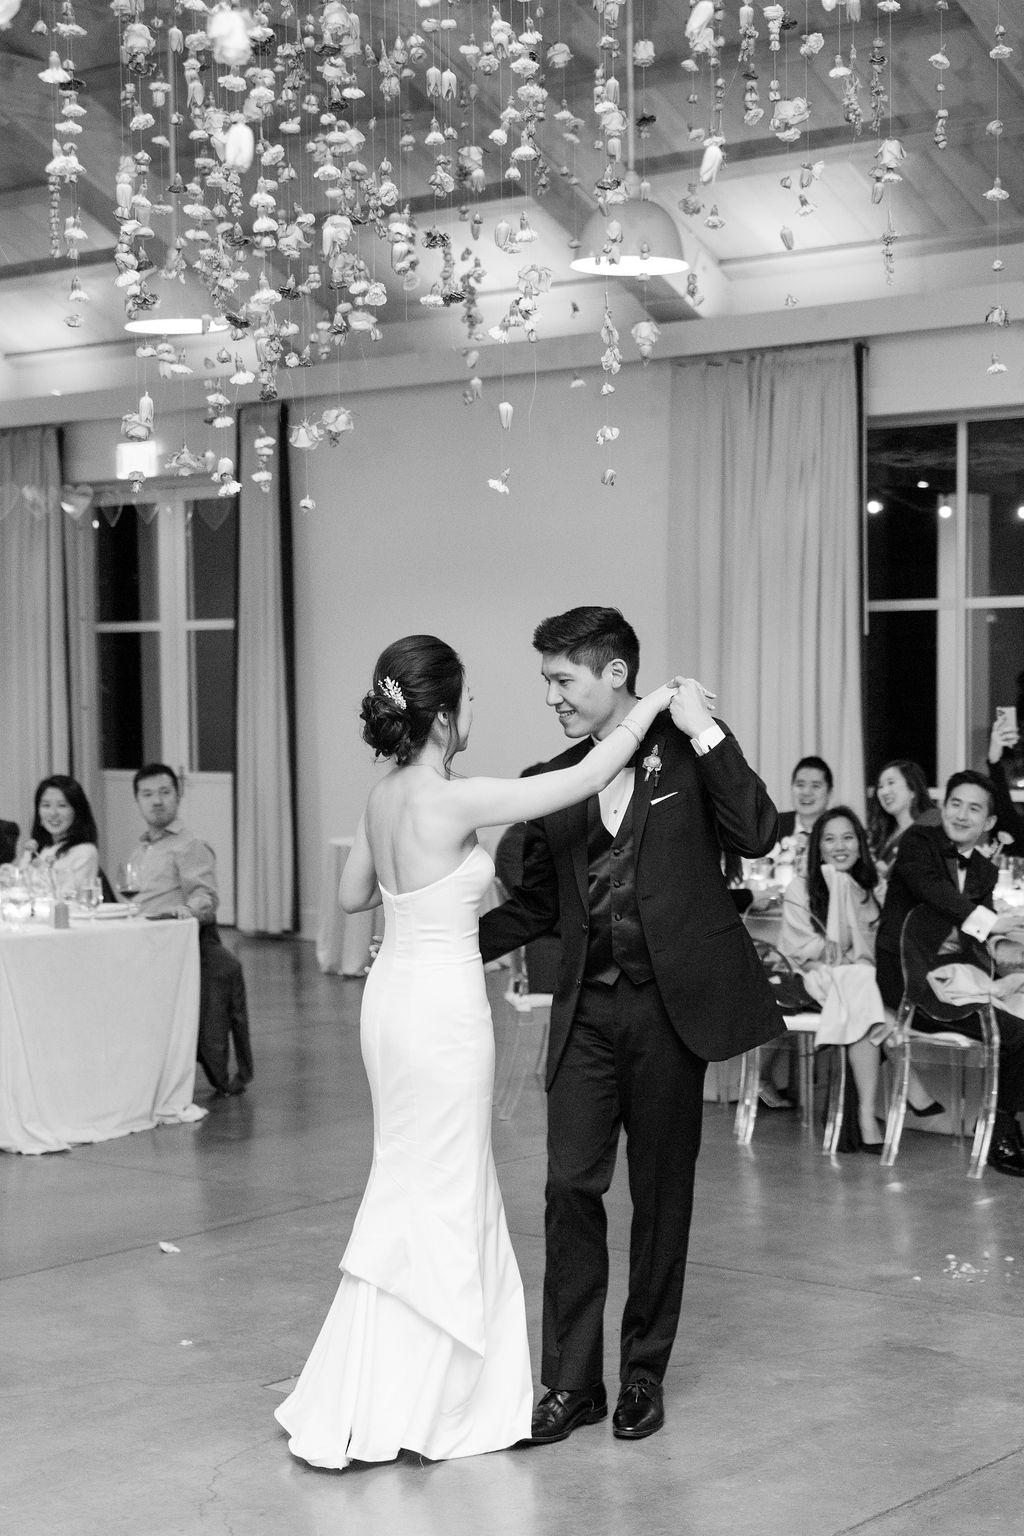 couple wedding first dance under hanging valentine decor